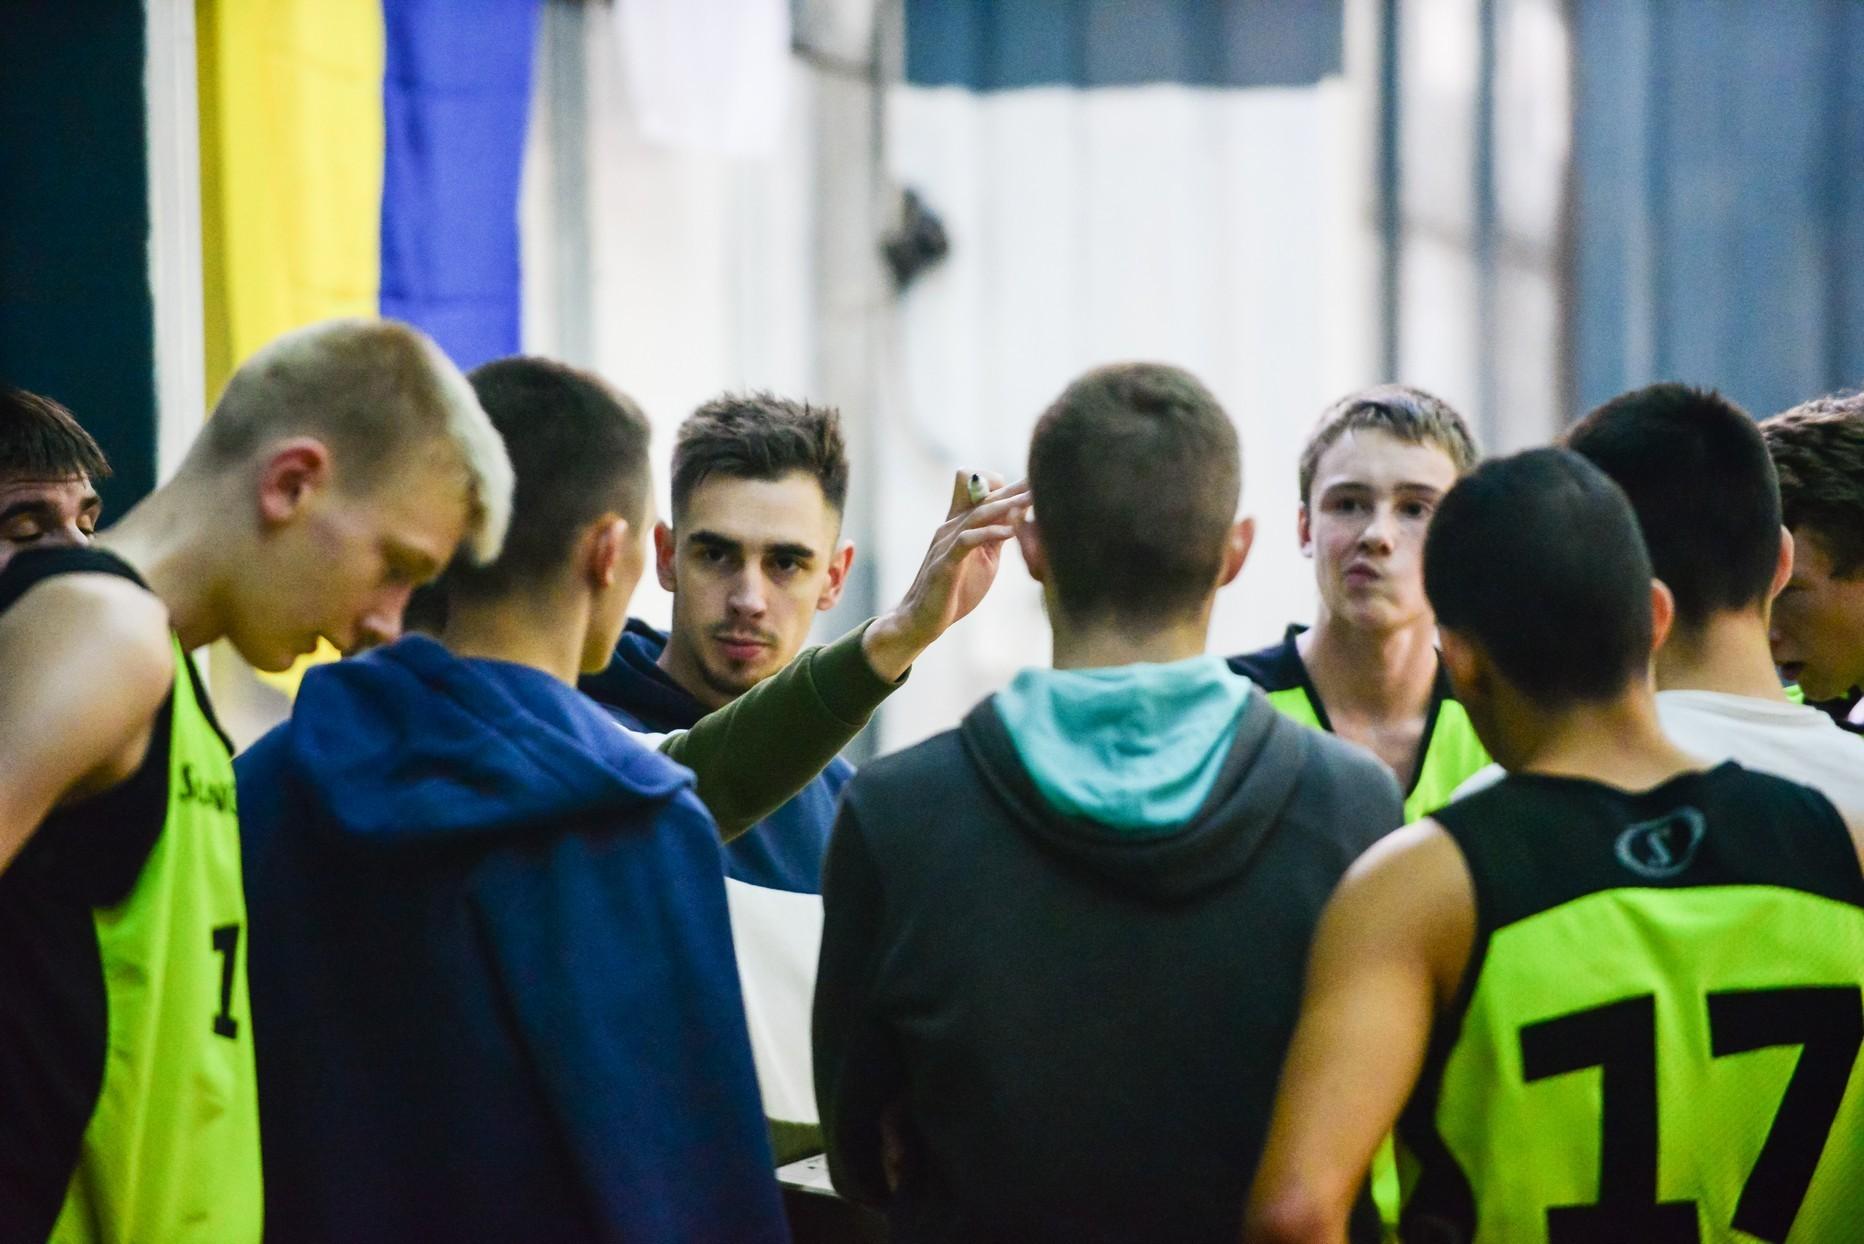 Володимир Піщіков: мета є, прагнемо йти до неї